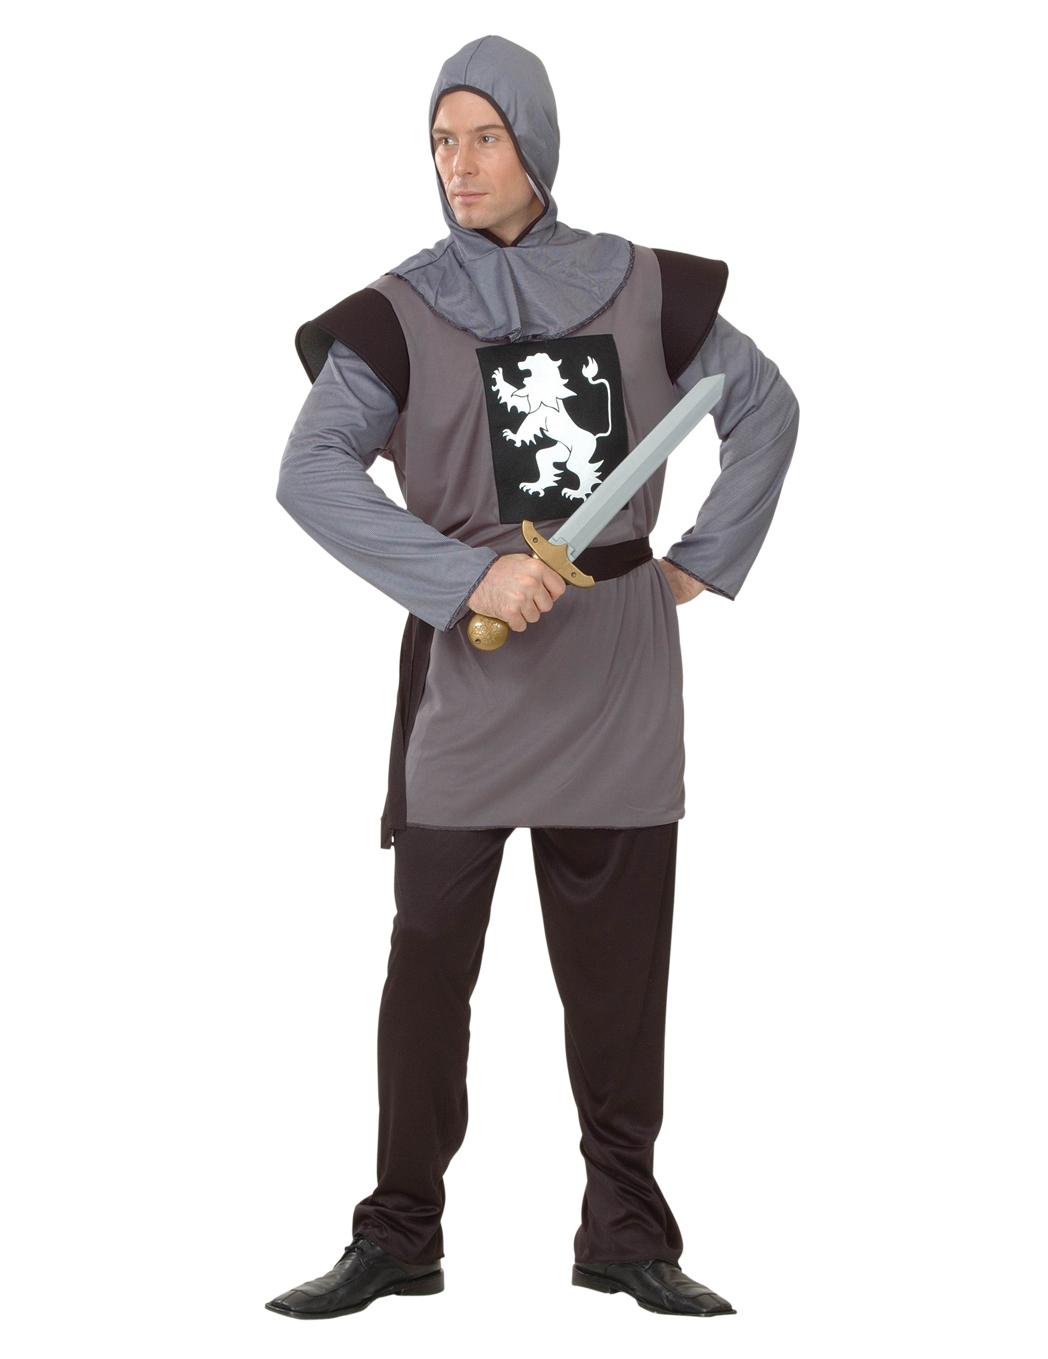 Costume cavaliere con stemma leone da uomo  Costumi adulti 30d3016c5c28